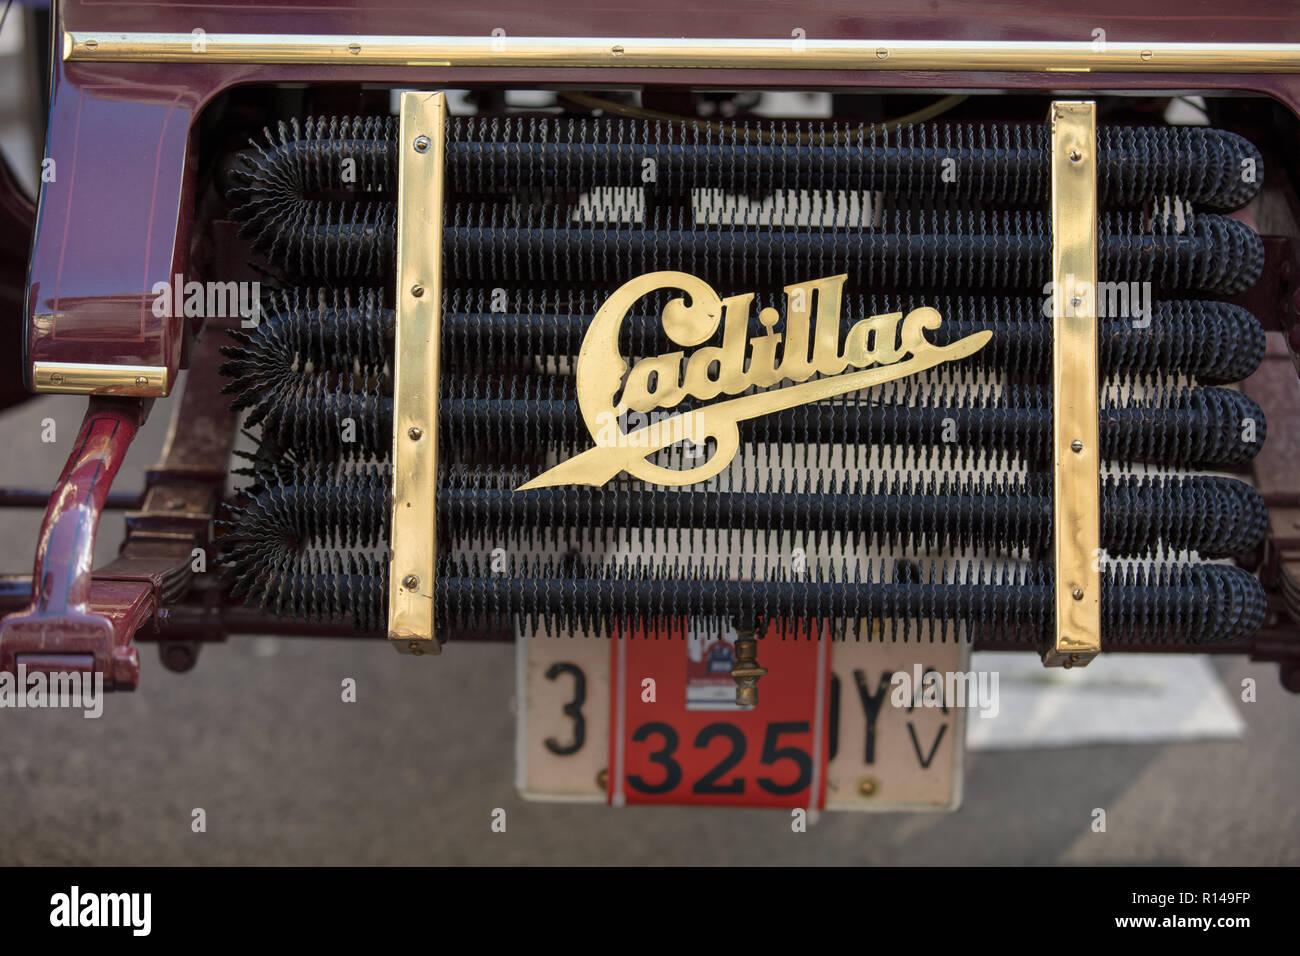 Vintage Cadillac radiatore sull'Illinois Route 66 Regent Street Motor Show, Londra, Regno Unito, novembre 2018. Foto Stock